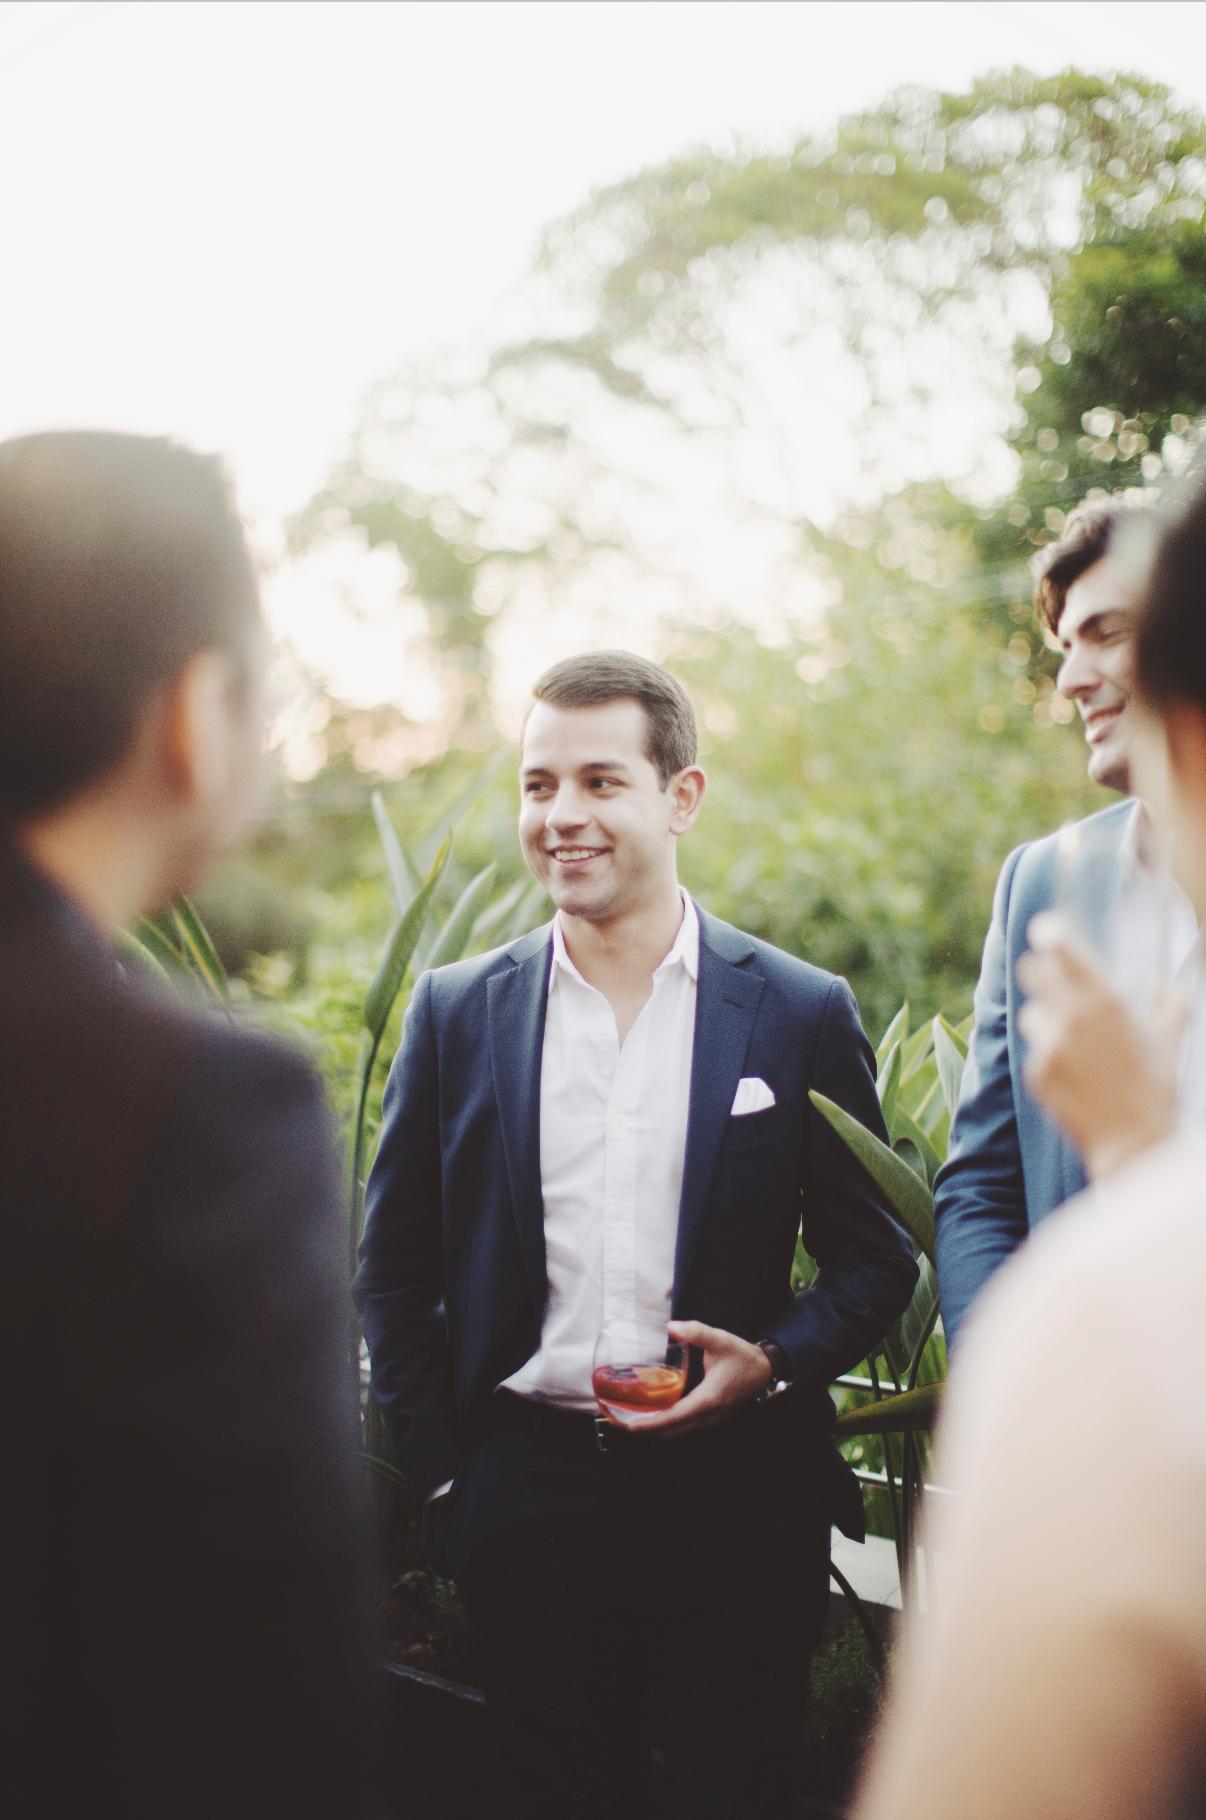 Man wearing suit smiling